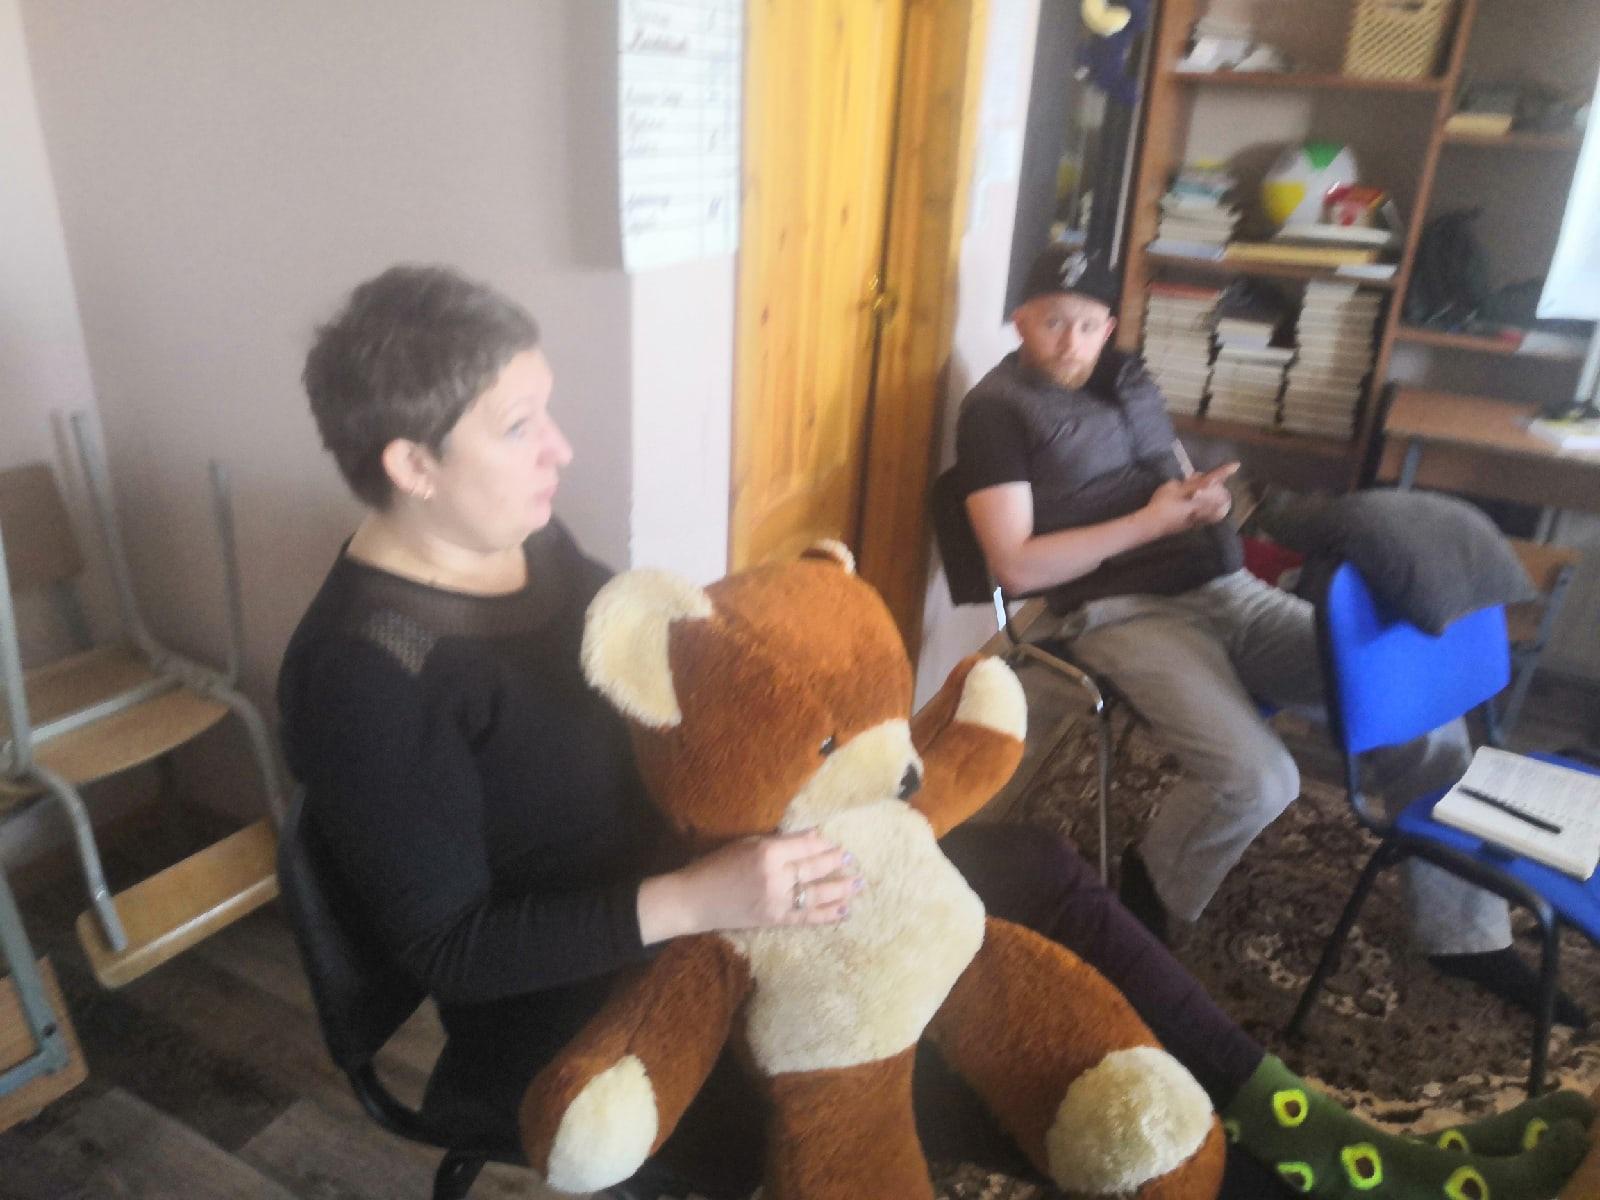 Сегодня проводила консультант-Мария занятие с ребятами, которые проходят реабилитацию.